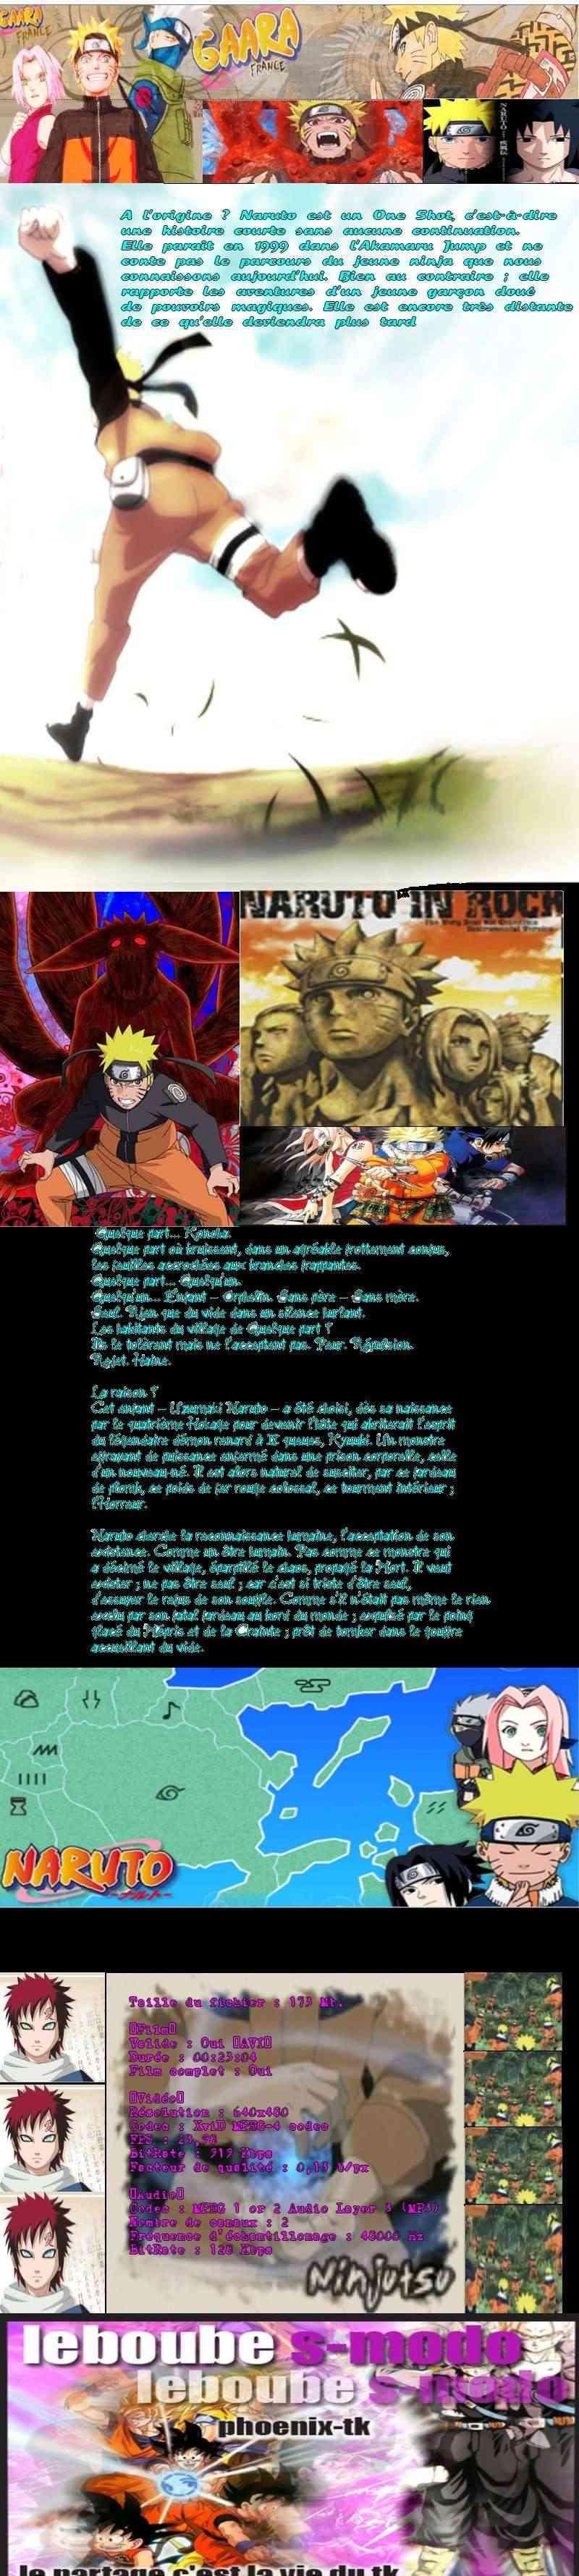 Naruto   Episode 137   Les rues malfamées  L'ombre du clan Fuuma[phoenix tk com] avi preview 0